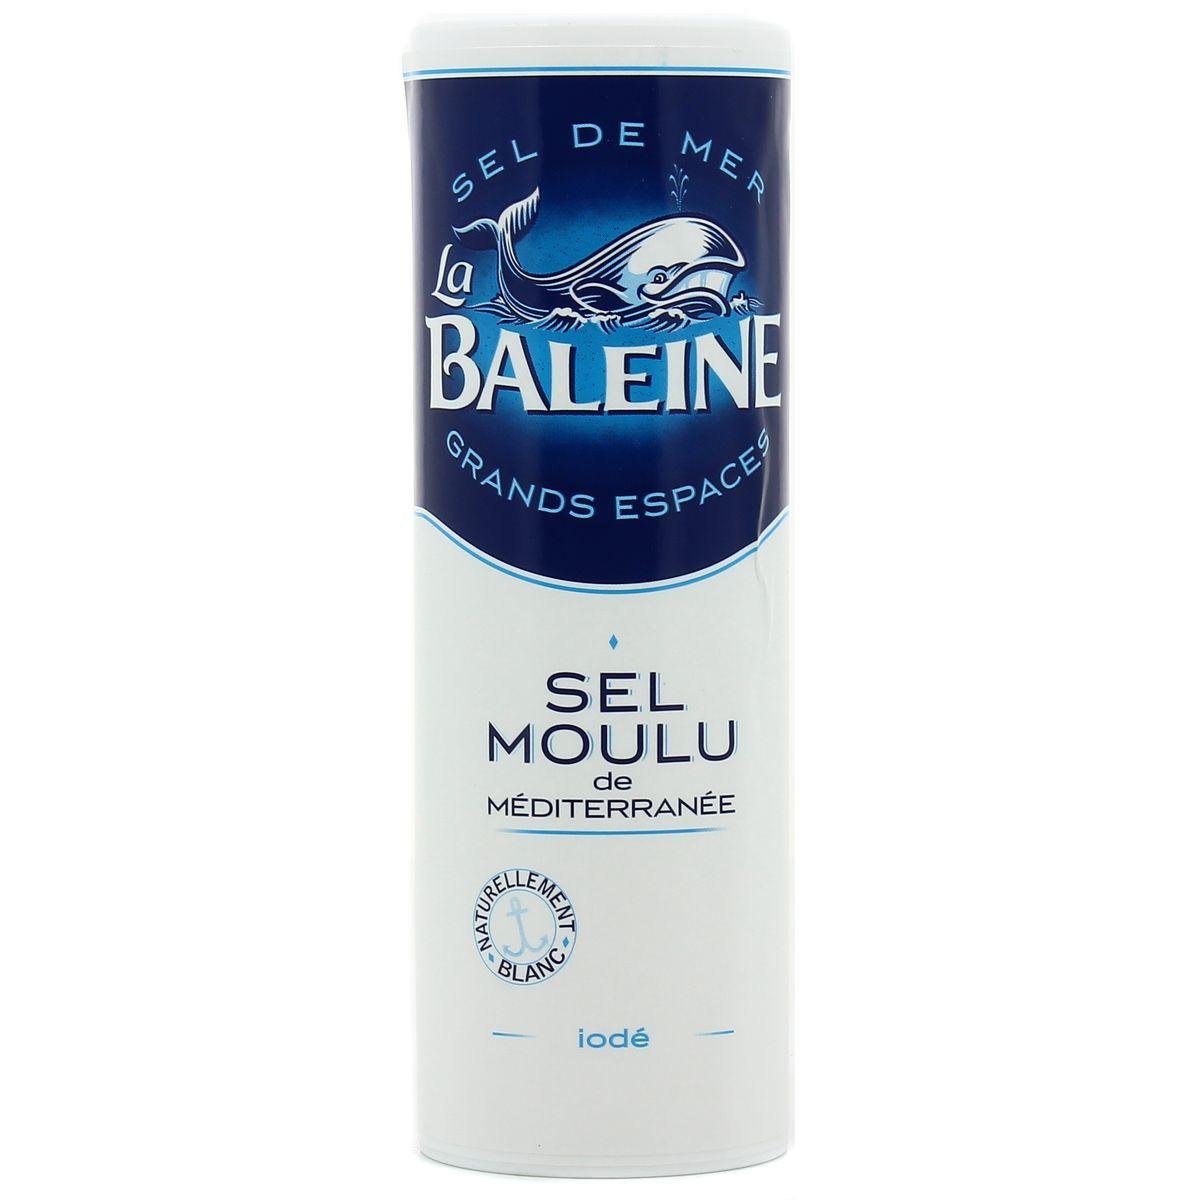 Sel moulu de mediterranée, La Baleine (250 g)